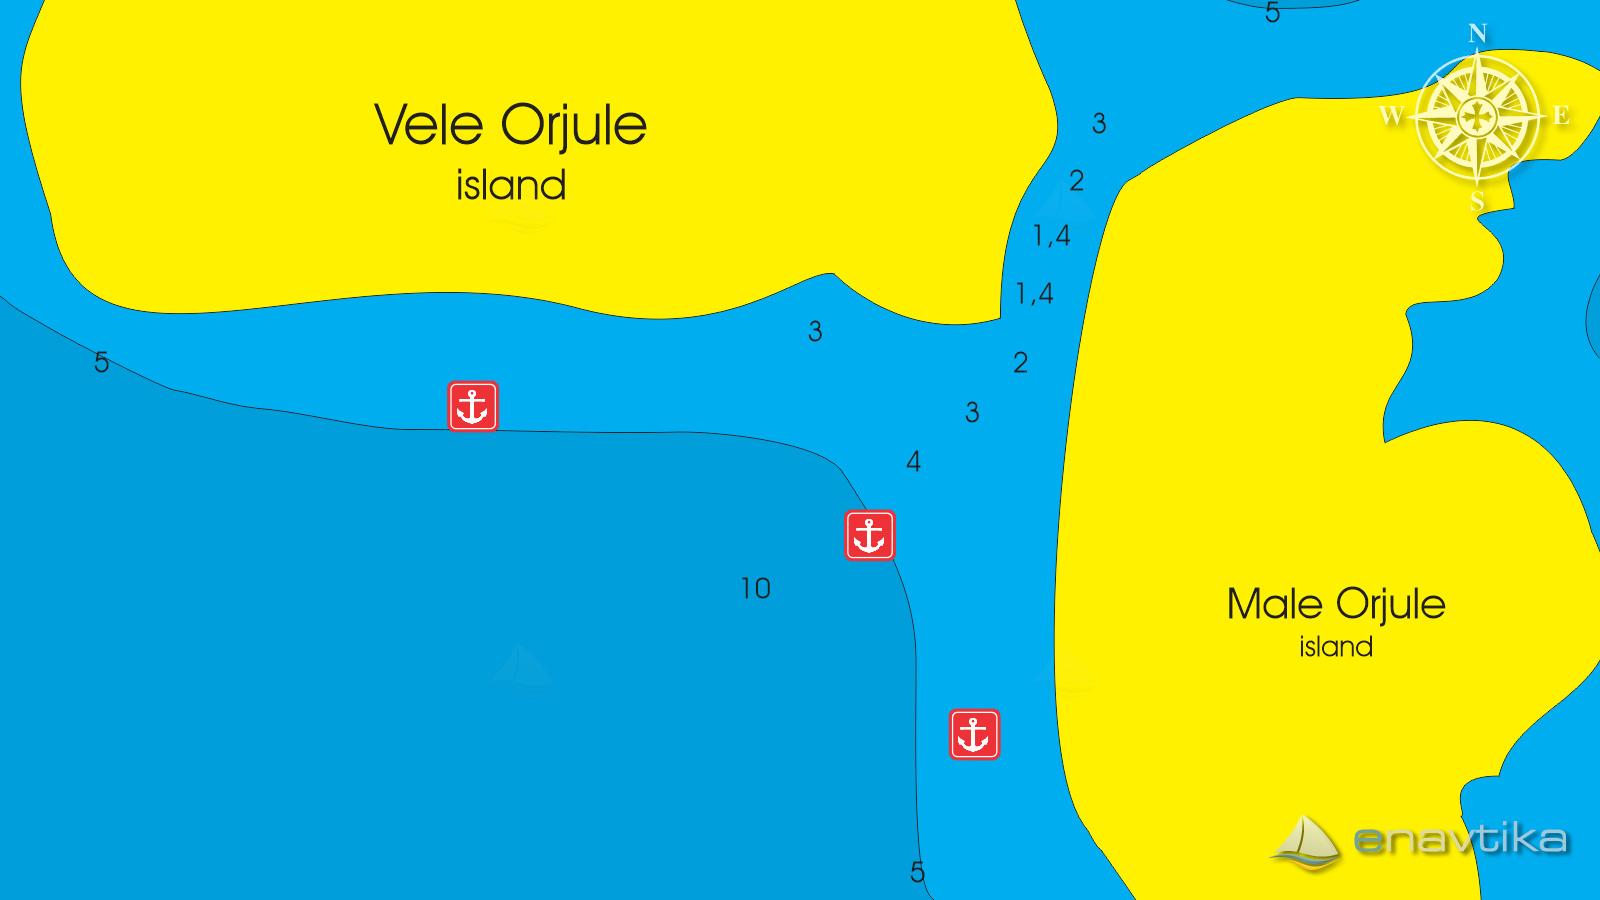 Slika Vele-Male Orjule Passage 2